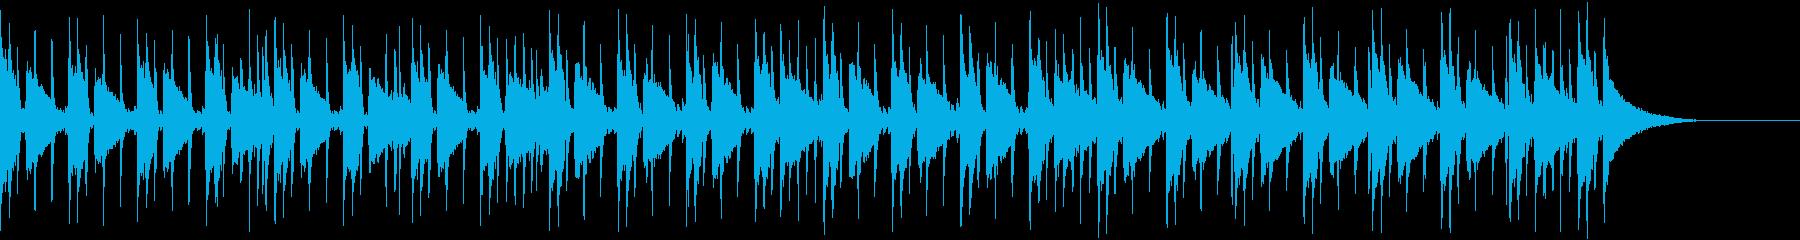 Pf「序章」和風現代ジャズの再生済みの波形